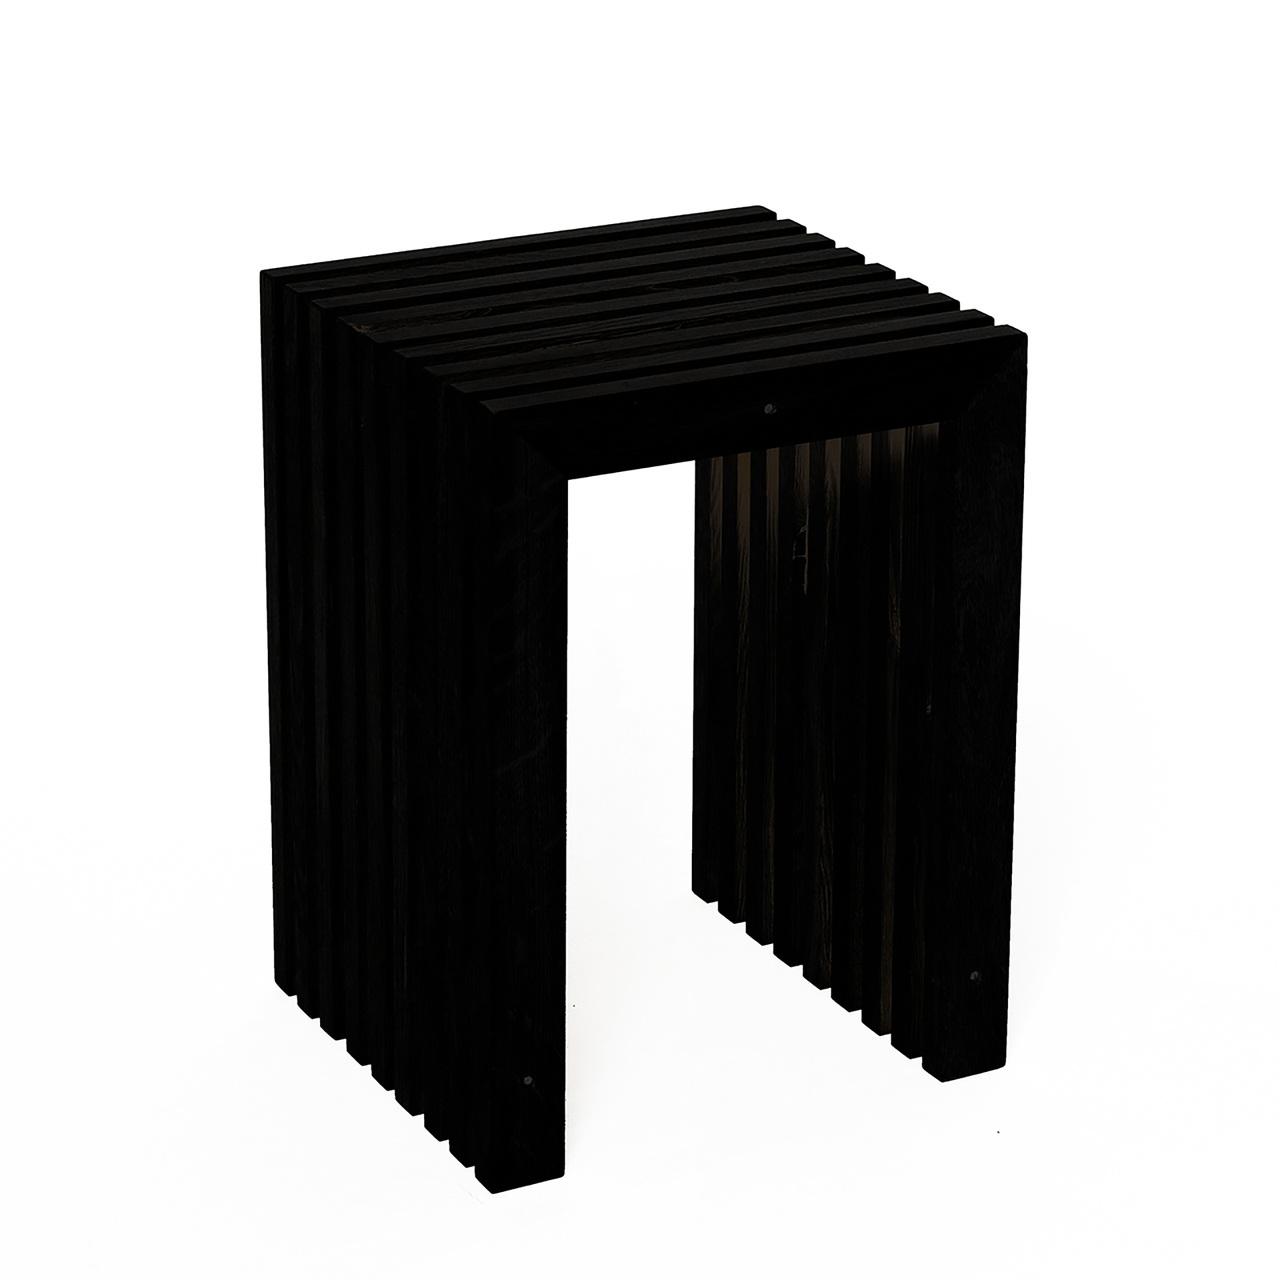 Raumgestalt Hocker aus Eiche von 'Raumgestalt' Eiche schwarz gebeizt